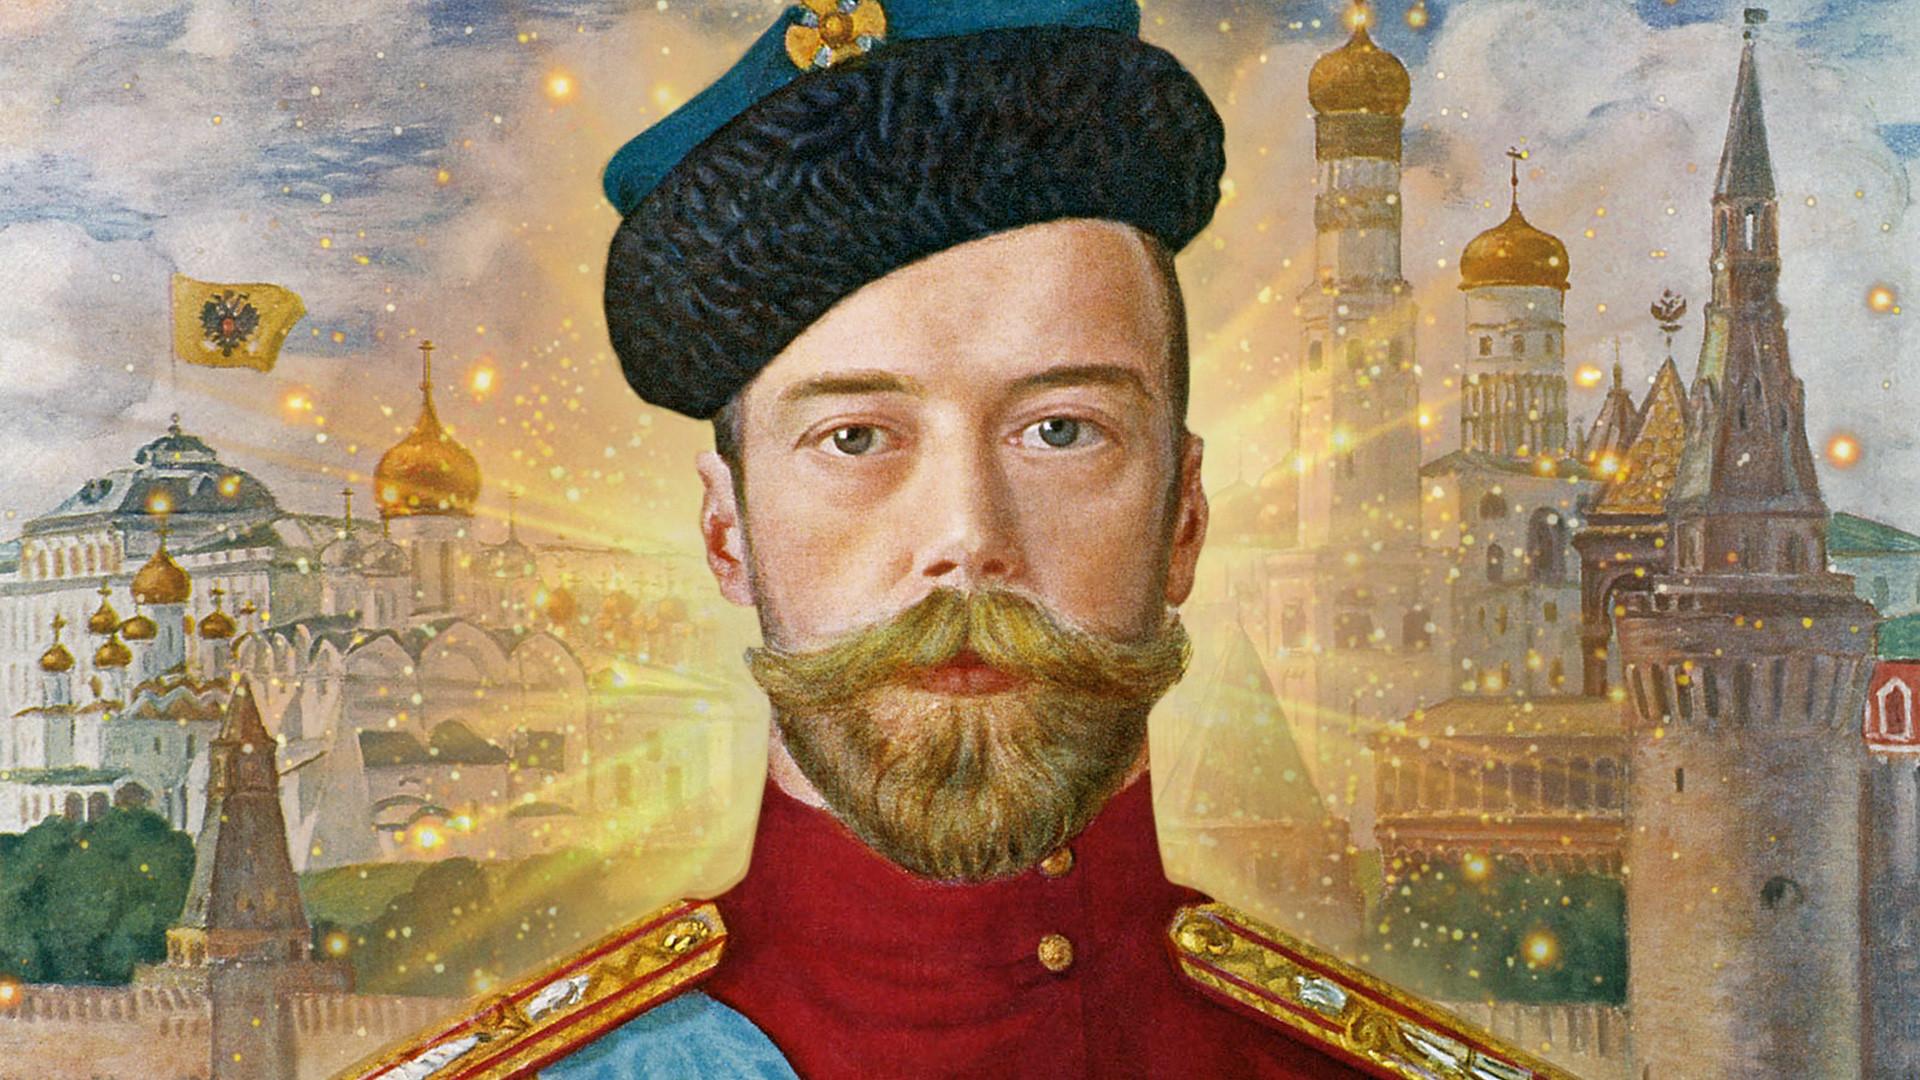 皇帝ニコライ2世、ボリス・クストーディエフ画